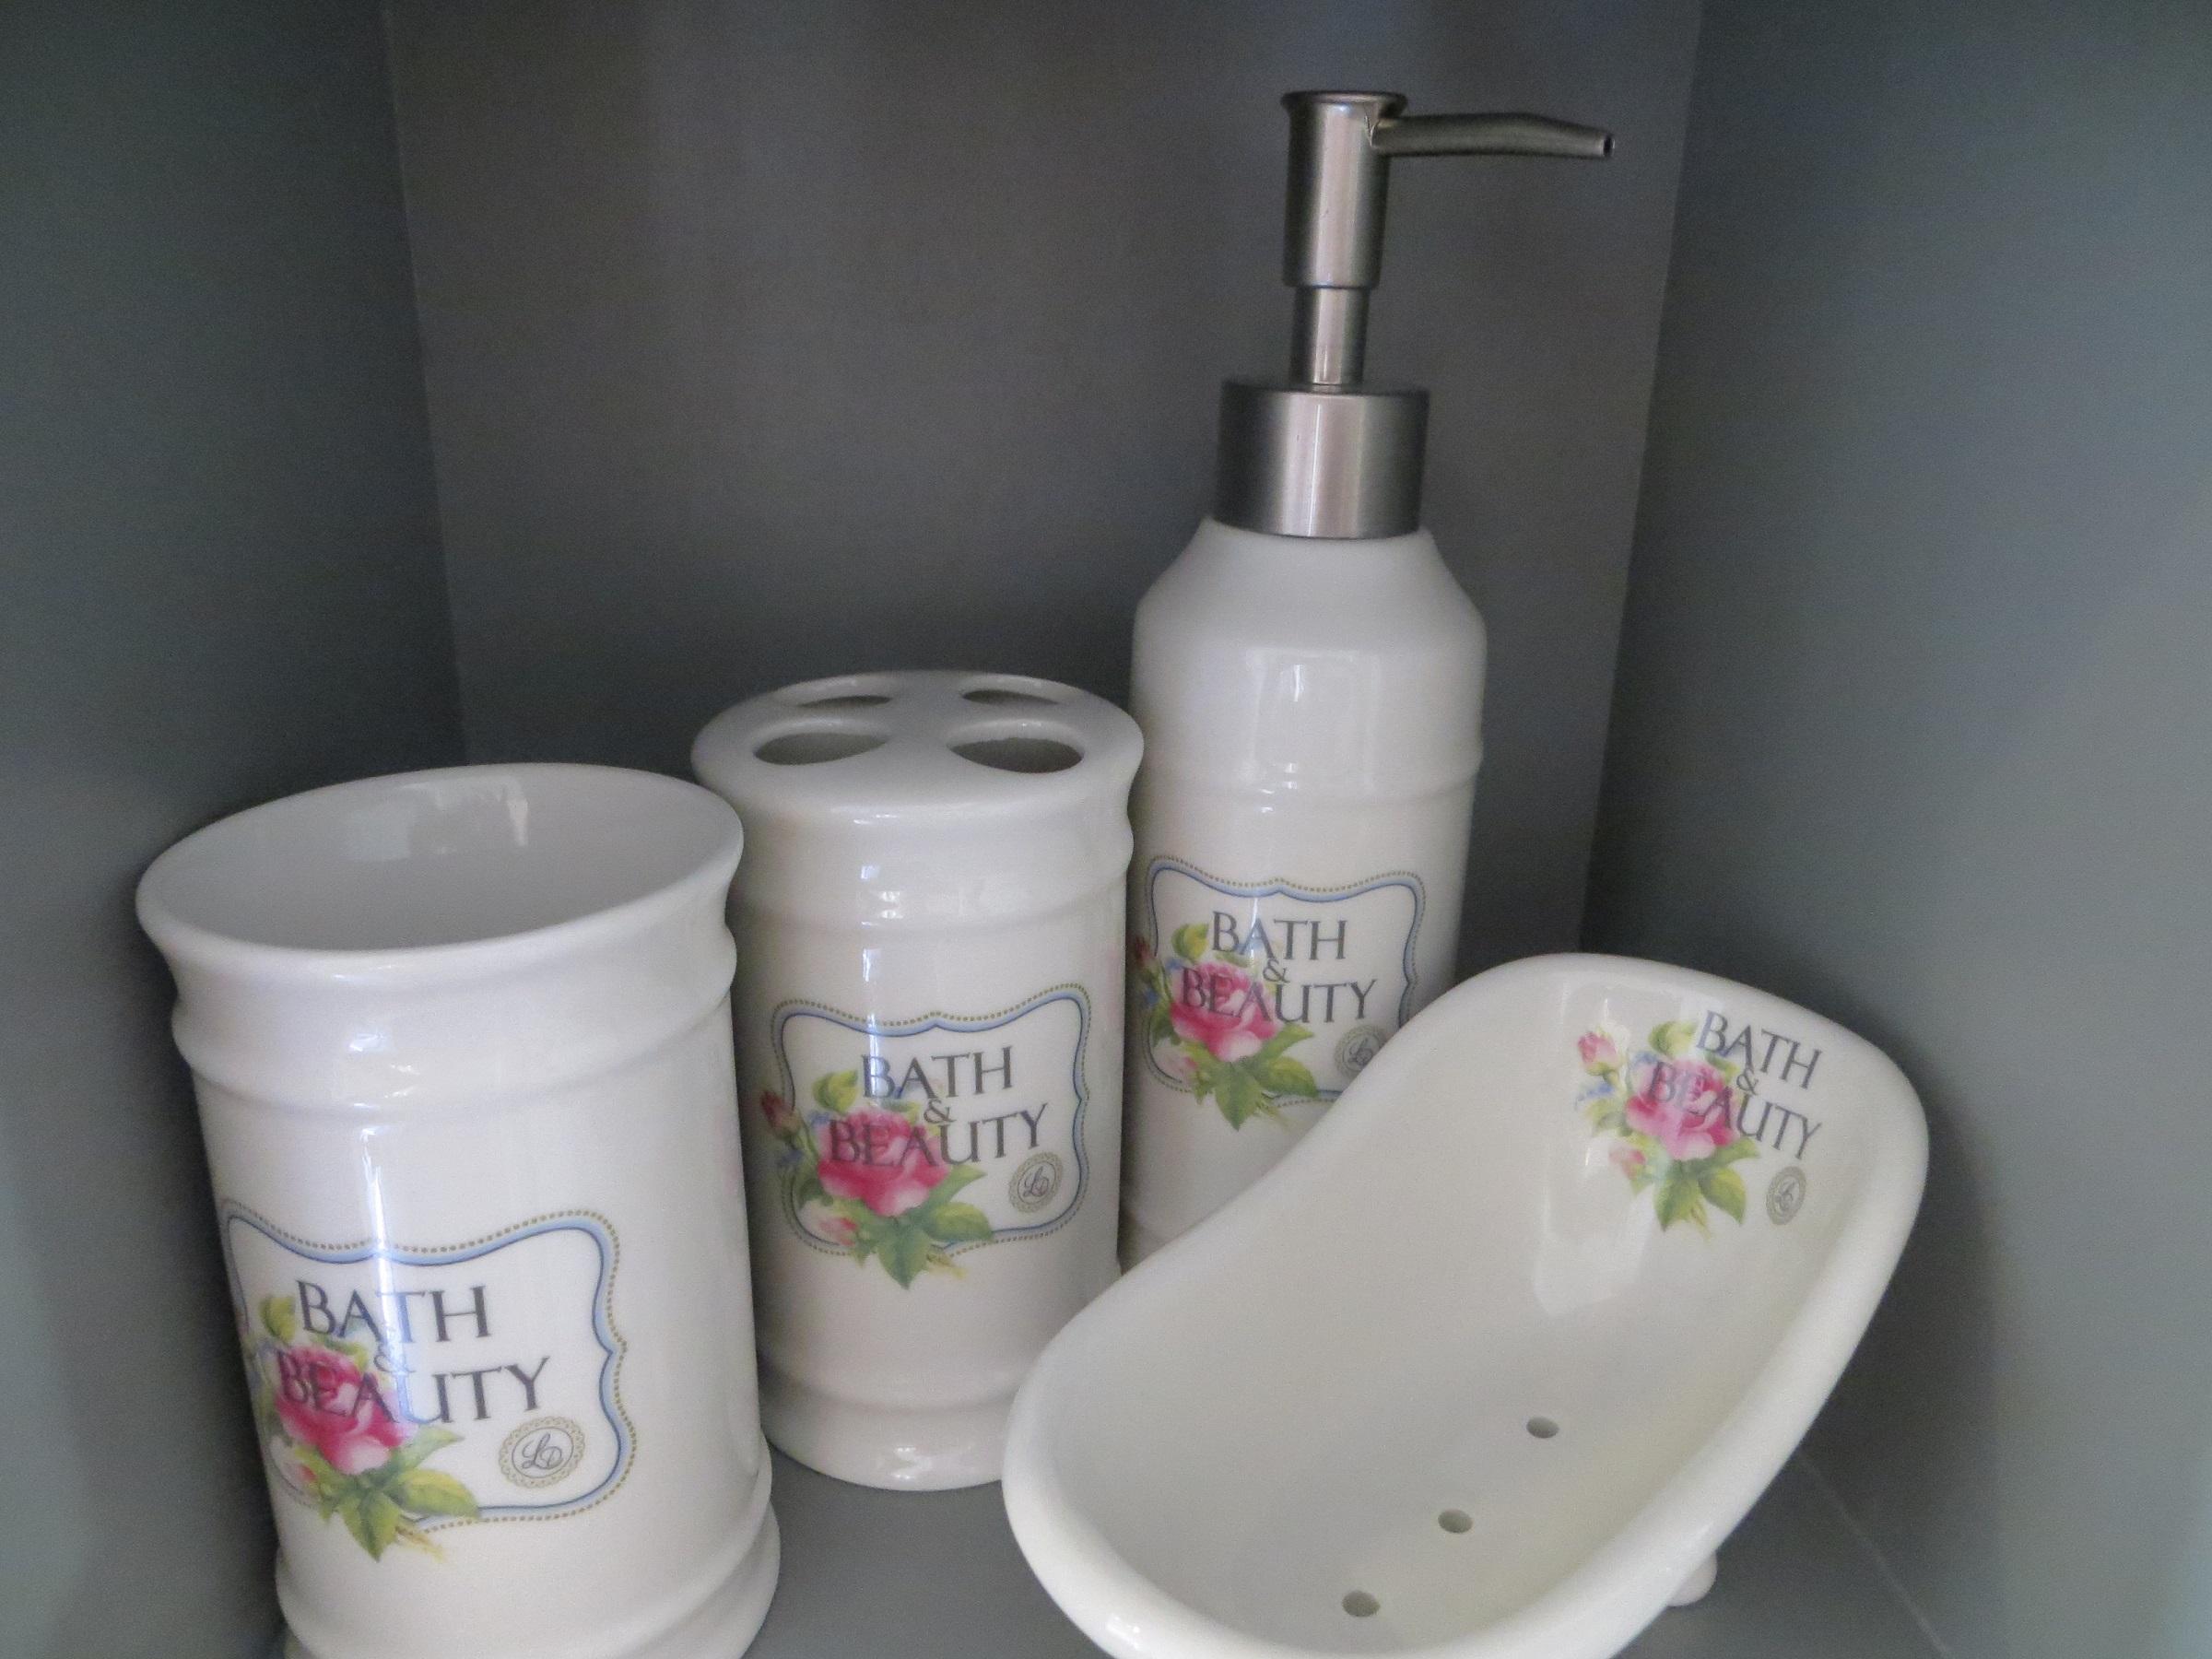 Nützlichwellness - Badezimmerset Bath Beauty Creme mit Rosenmuster Lisbeth Dahl - Onlineshop Tante Emmer